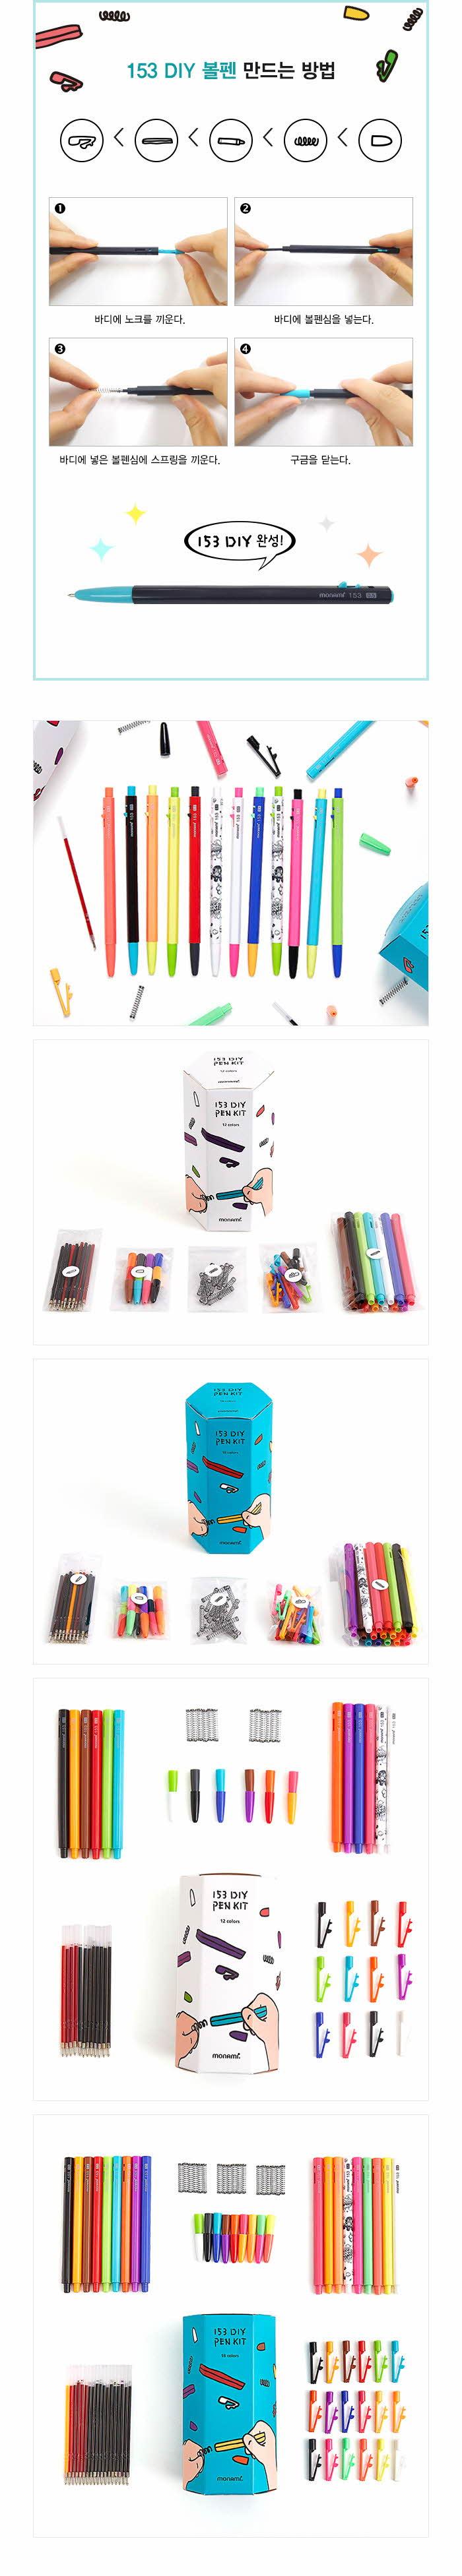 모나미 153 DIY KIT 볼포인트펜 조립 18본입 세트 - 모나미, 9,000원, 심플/베이직펜, 세트